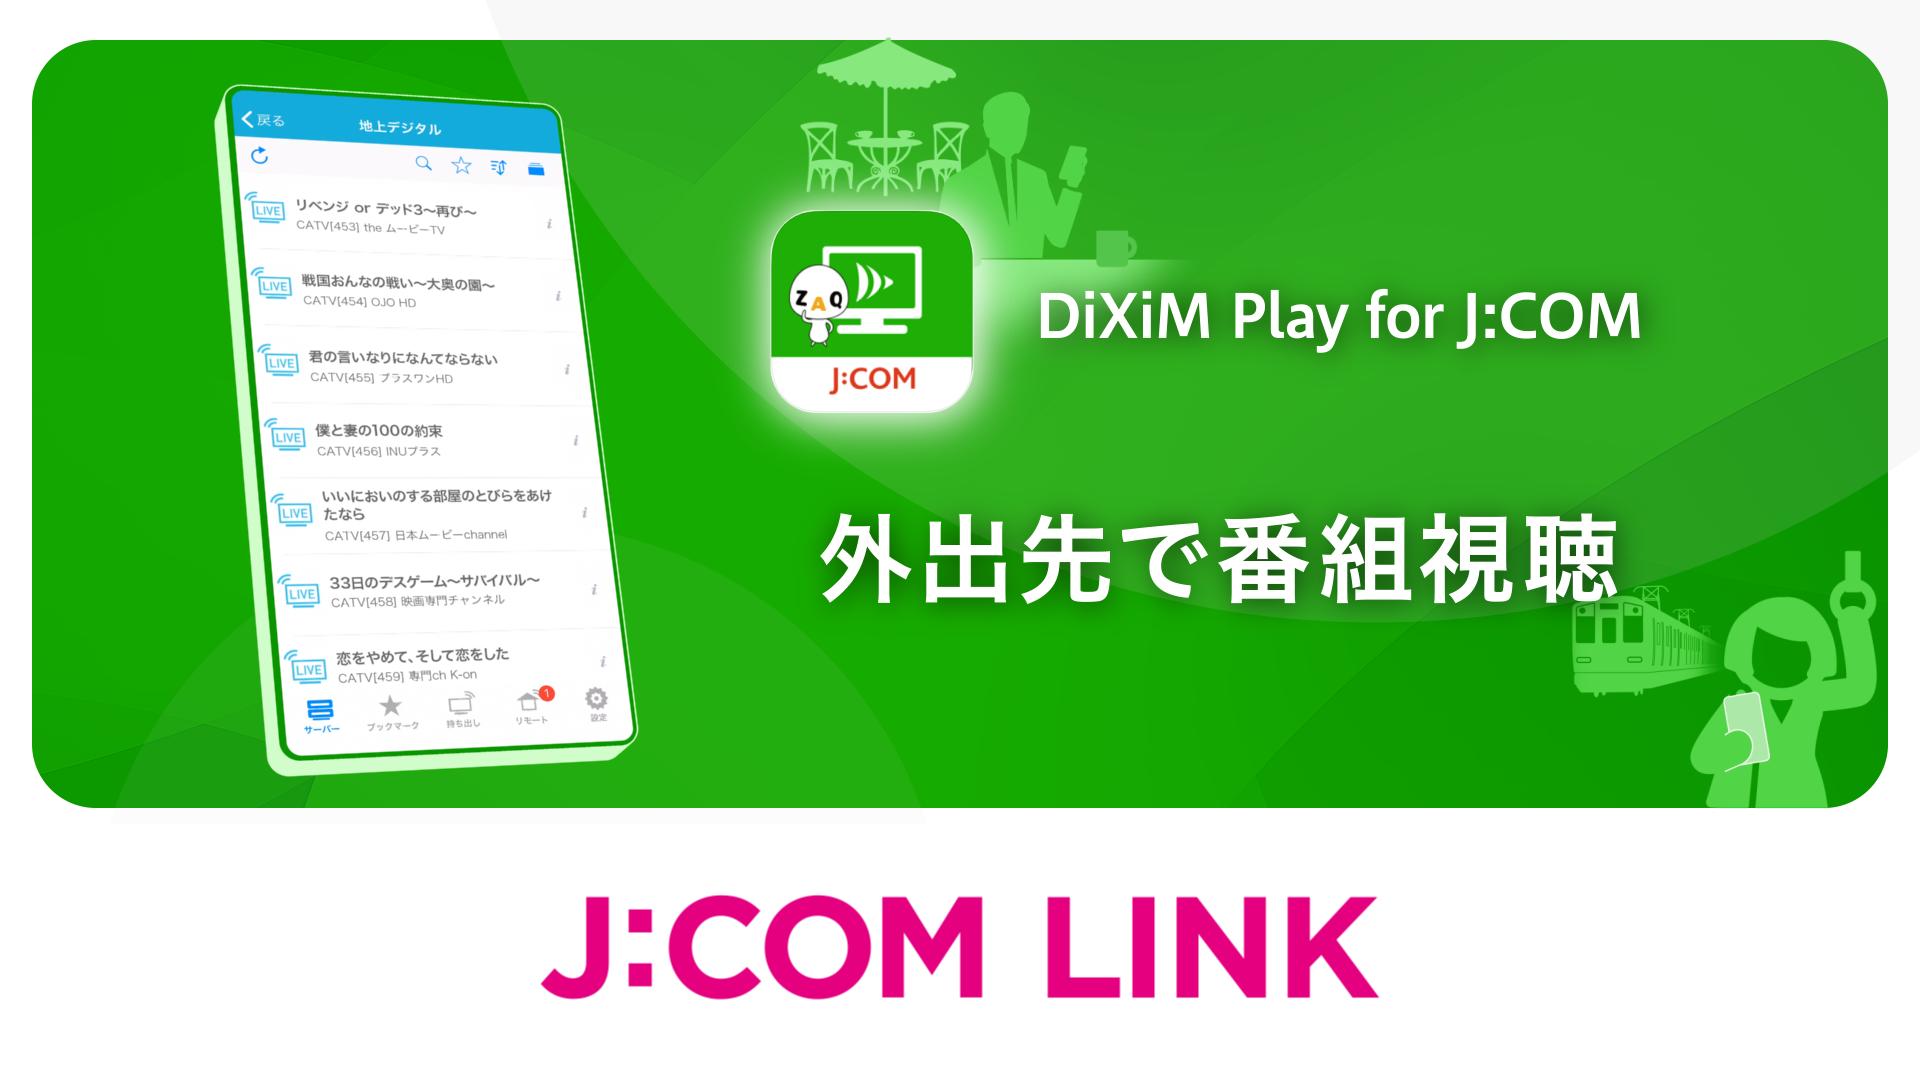 J:COM LINK - 外出先で番組視聴(動画)